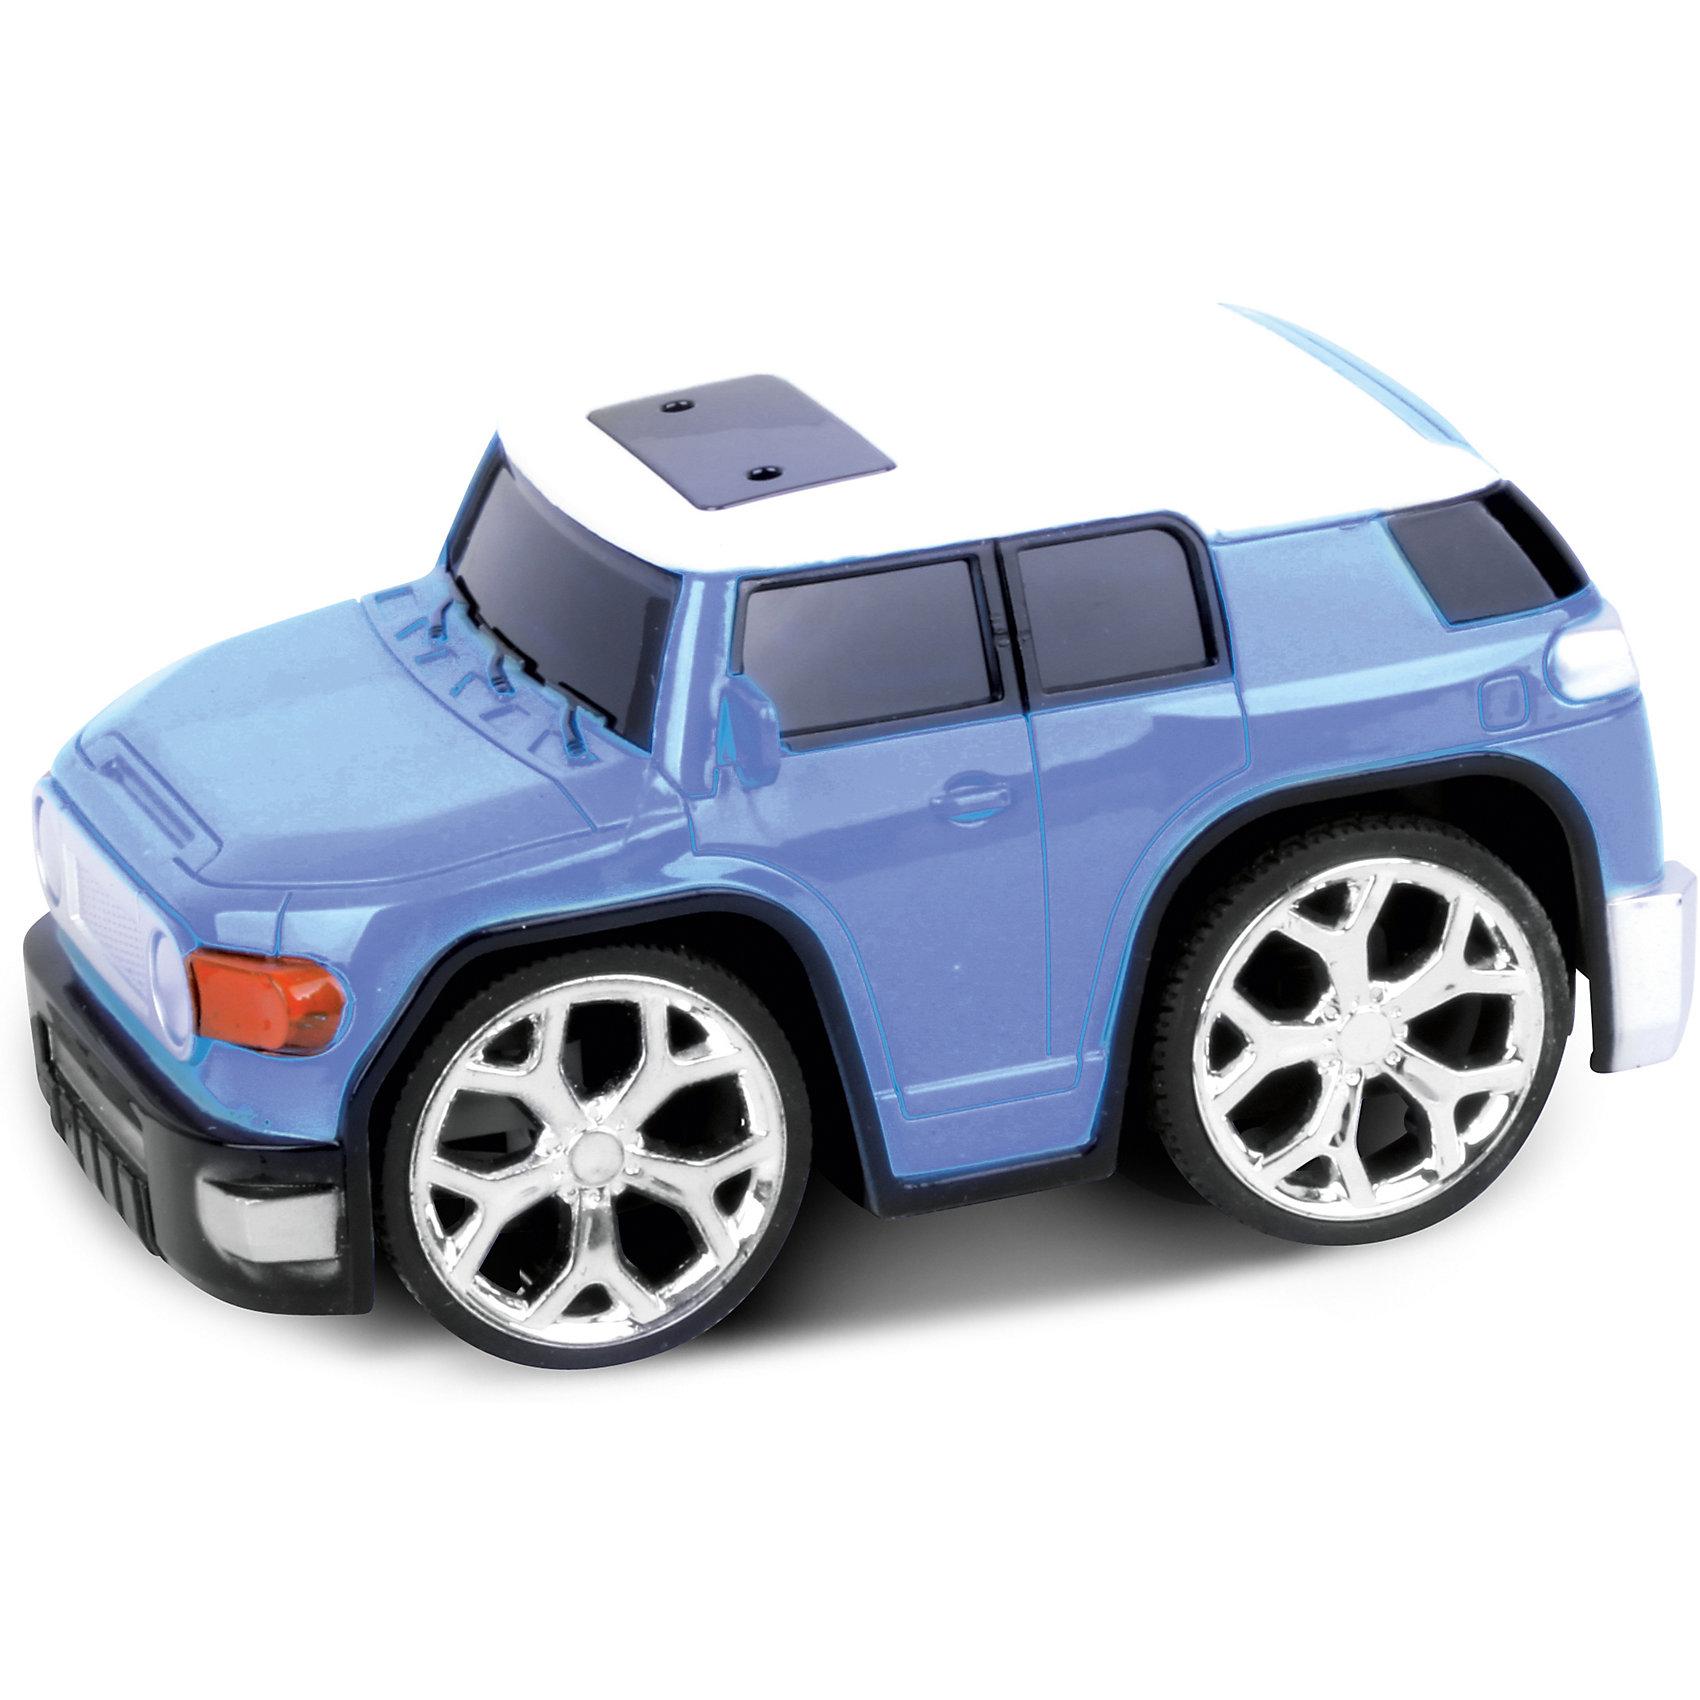 Машинка на радиоуправлении Racing Car, синяяРадиоуправляемый транспорт<br>Характеристики машинки Bluesea:<br><br>• радиоуправляемая модель;<br>• пульт управления, радиус действия 1 метр;<br>• направление движения: вперед, назад, влево, вправо;<br>• простота управления;<br>• пластиковый корпус;<br>• батарейки приобретаются отдельно;<br>• размер упаковки: 22х12х14 см;<br>• вес упаковки: 325 г.<br><br>Скоростная машинка на пульте управления быстро разгоняется, хорошо едет, является быстрой и маневренной. В процессе игры ребенок учится координировать свои движения, управлять машинкой с пульта управления, стратегически мыслить. <br><br>Машинку на радиоуправлении Racing Car, синюю можно купить в нашем интернет-магазине.<br><br>Ширина мм: 11<br>Глубина мм: 21<br>Высота мм: 11<br>Вес г: 57<br>Возраст от месяцев: 36<br>Возраст до месяцев: 2147483647<br>Пол: Унисекс<br>Возраст: Детский<br>SKU: 5030385